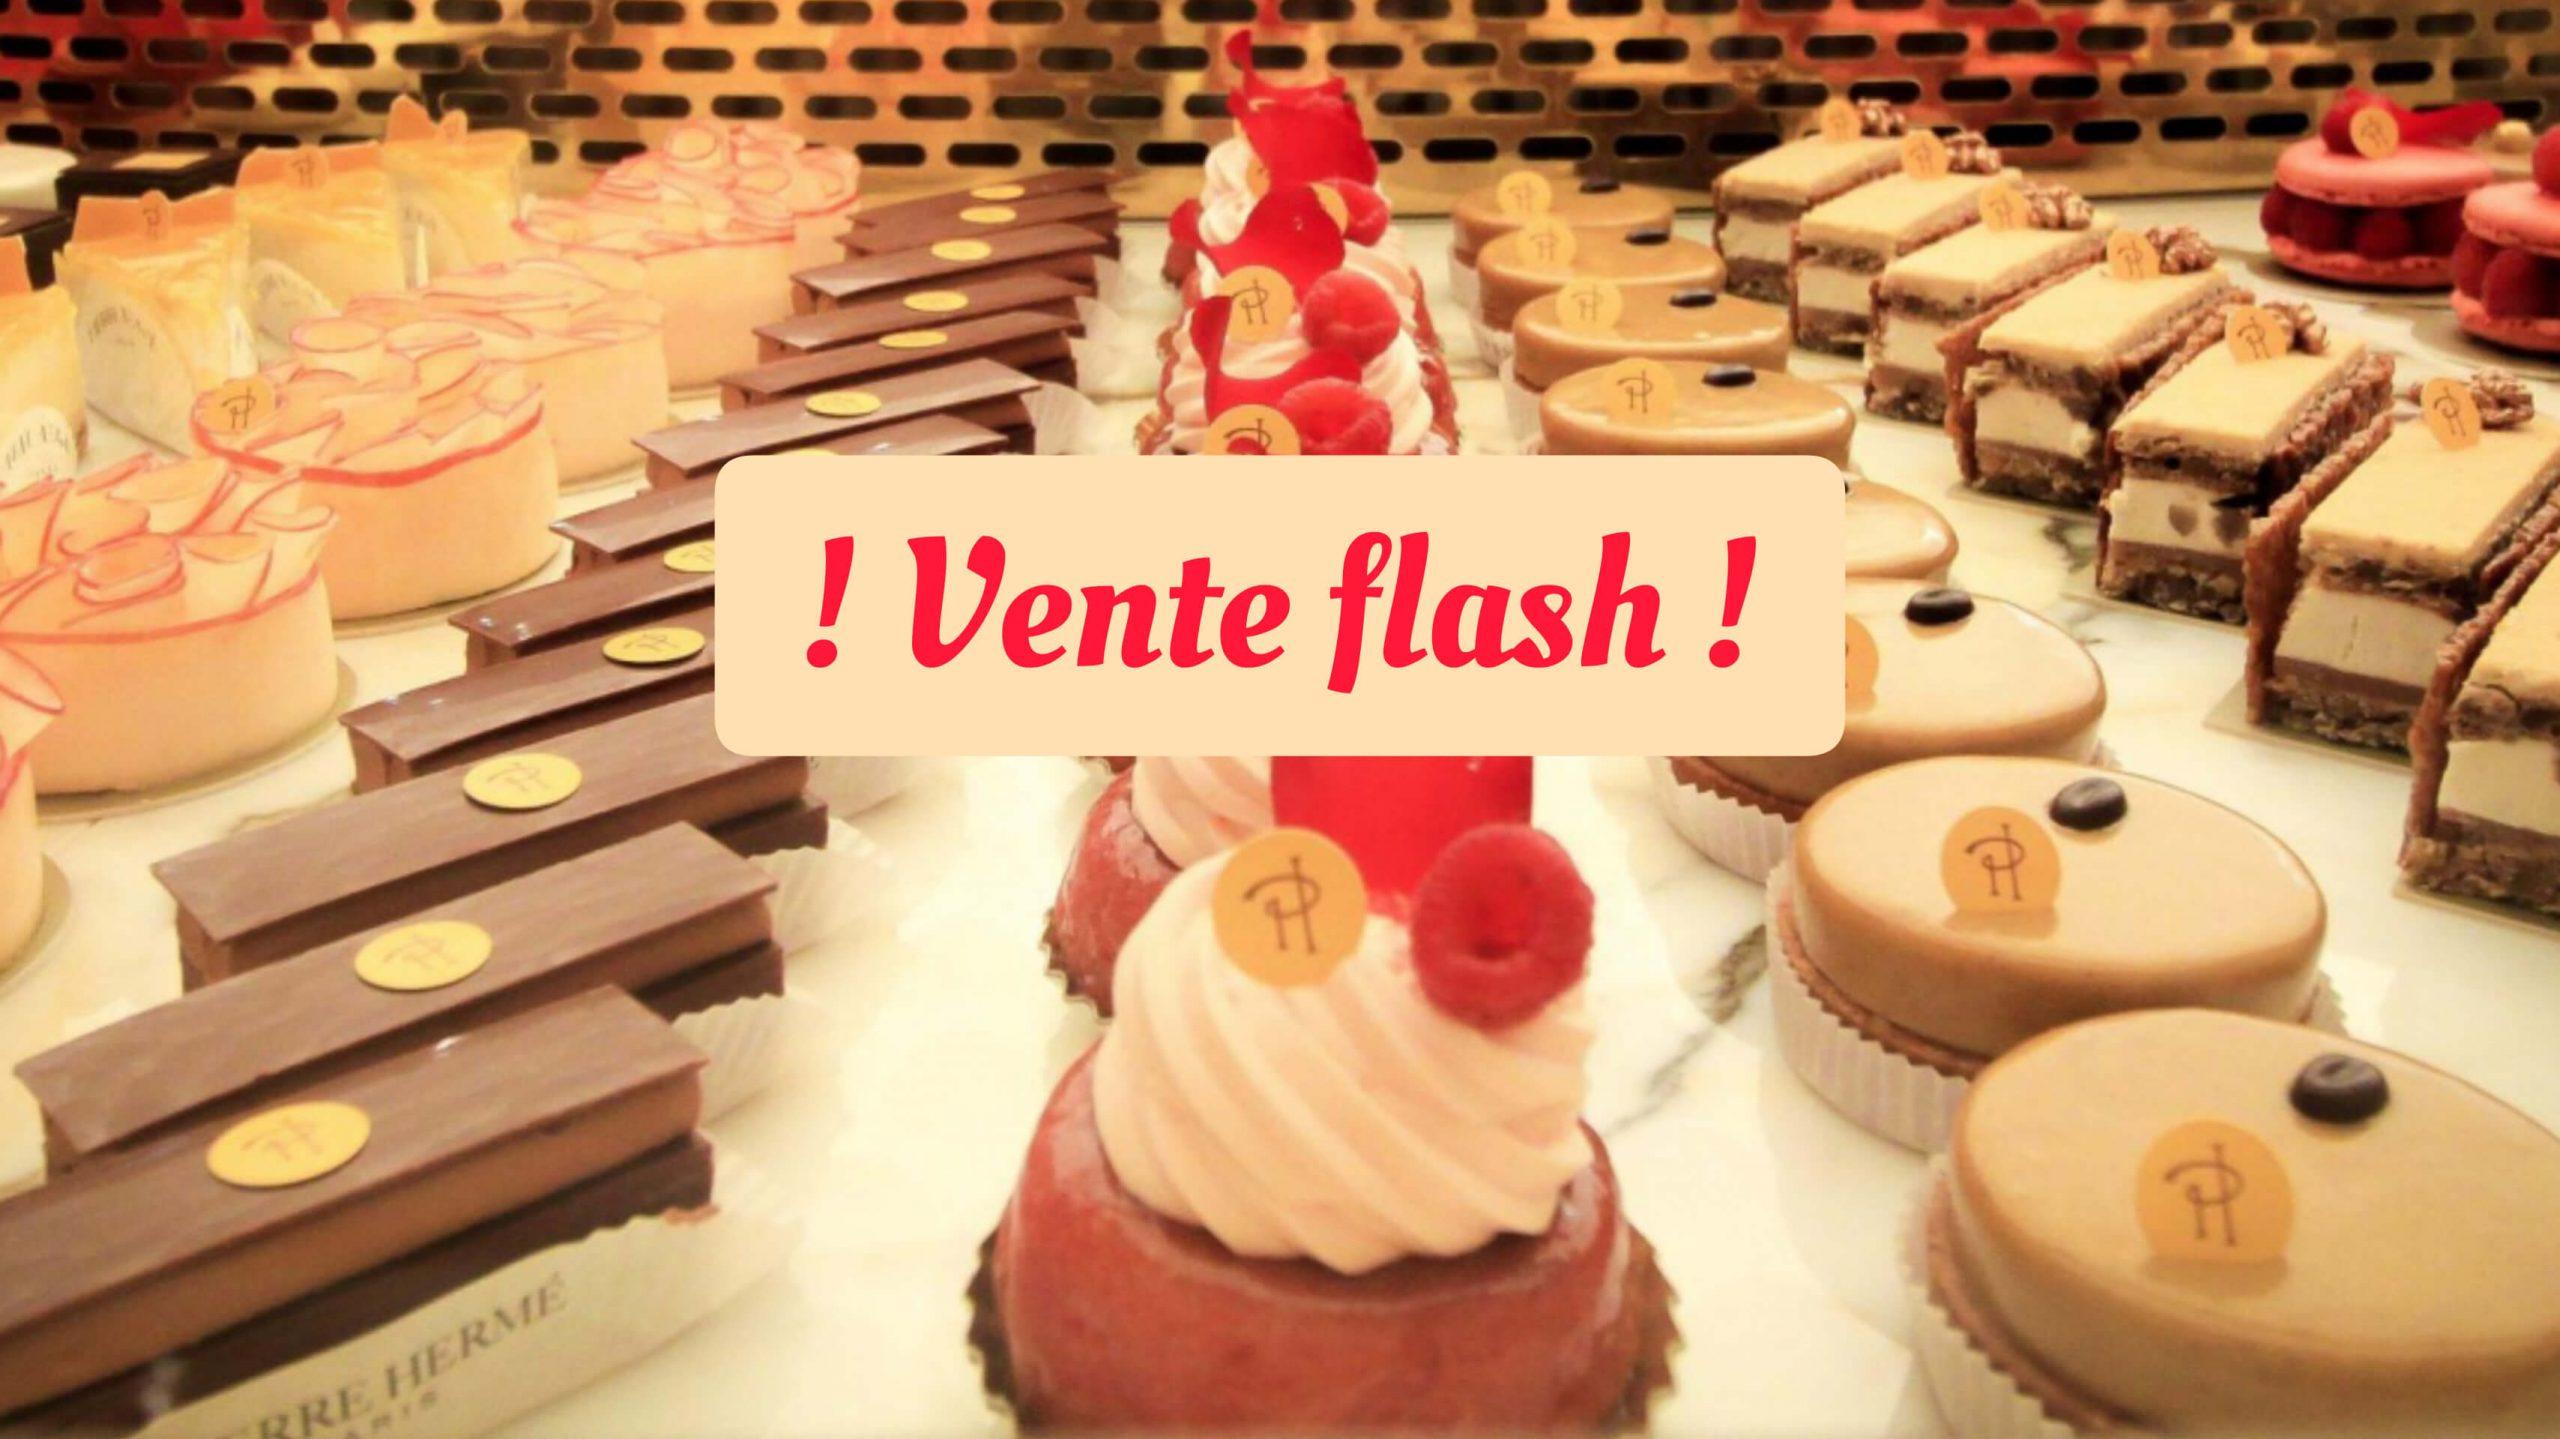 vente flash noel paris sucré chocolat patisserie